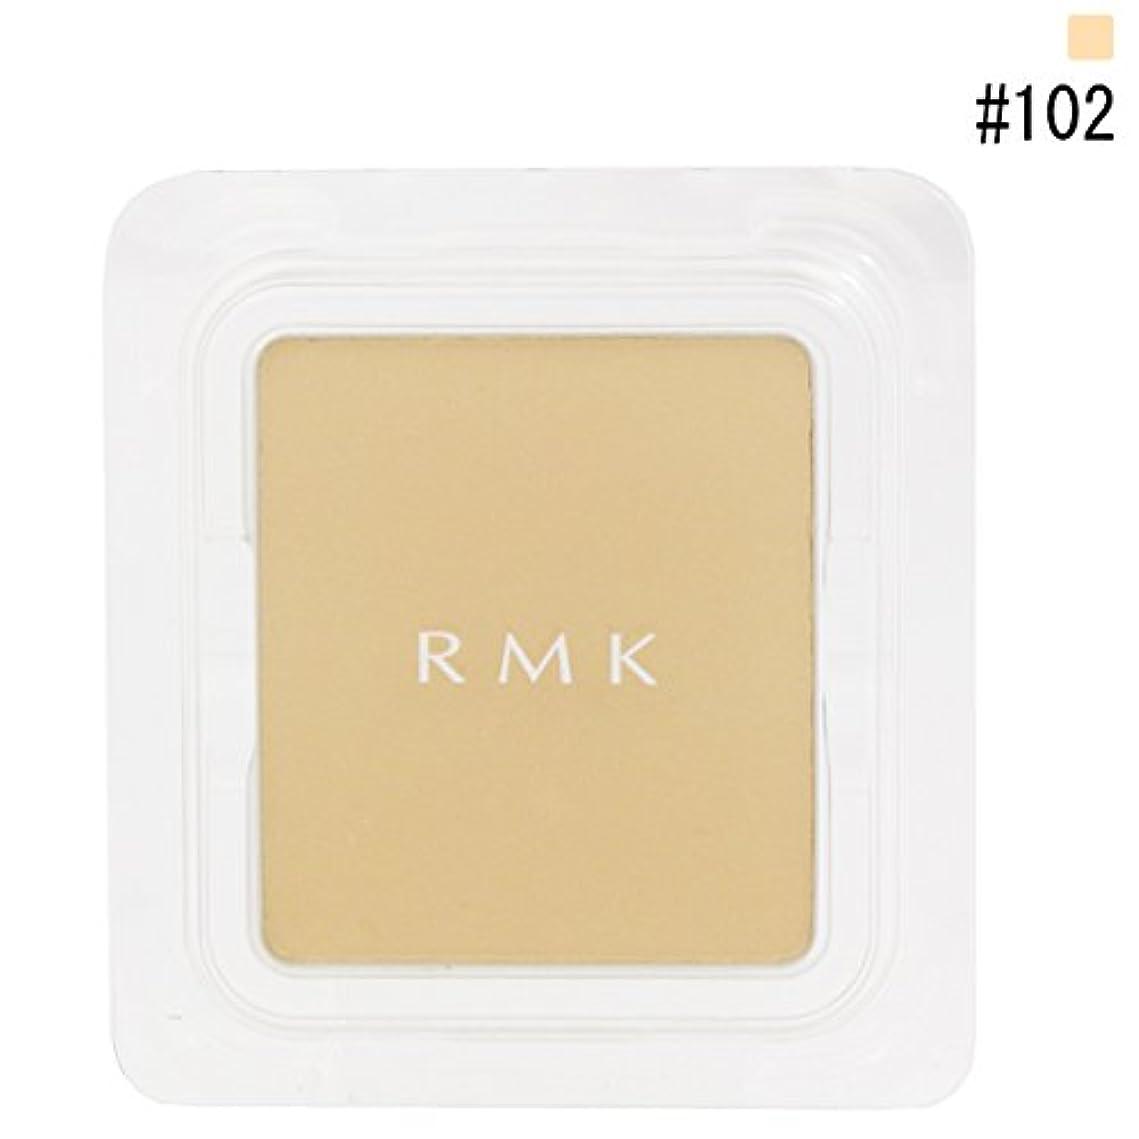 肉腫カタログ導入する【RMK (ルミコ)】エアリーパウダーファンデーション (レフィル) #102 10.5g